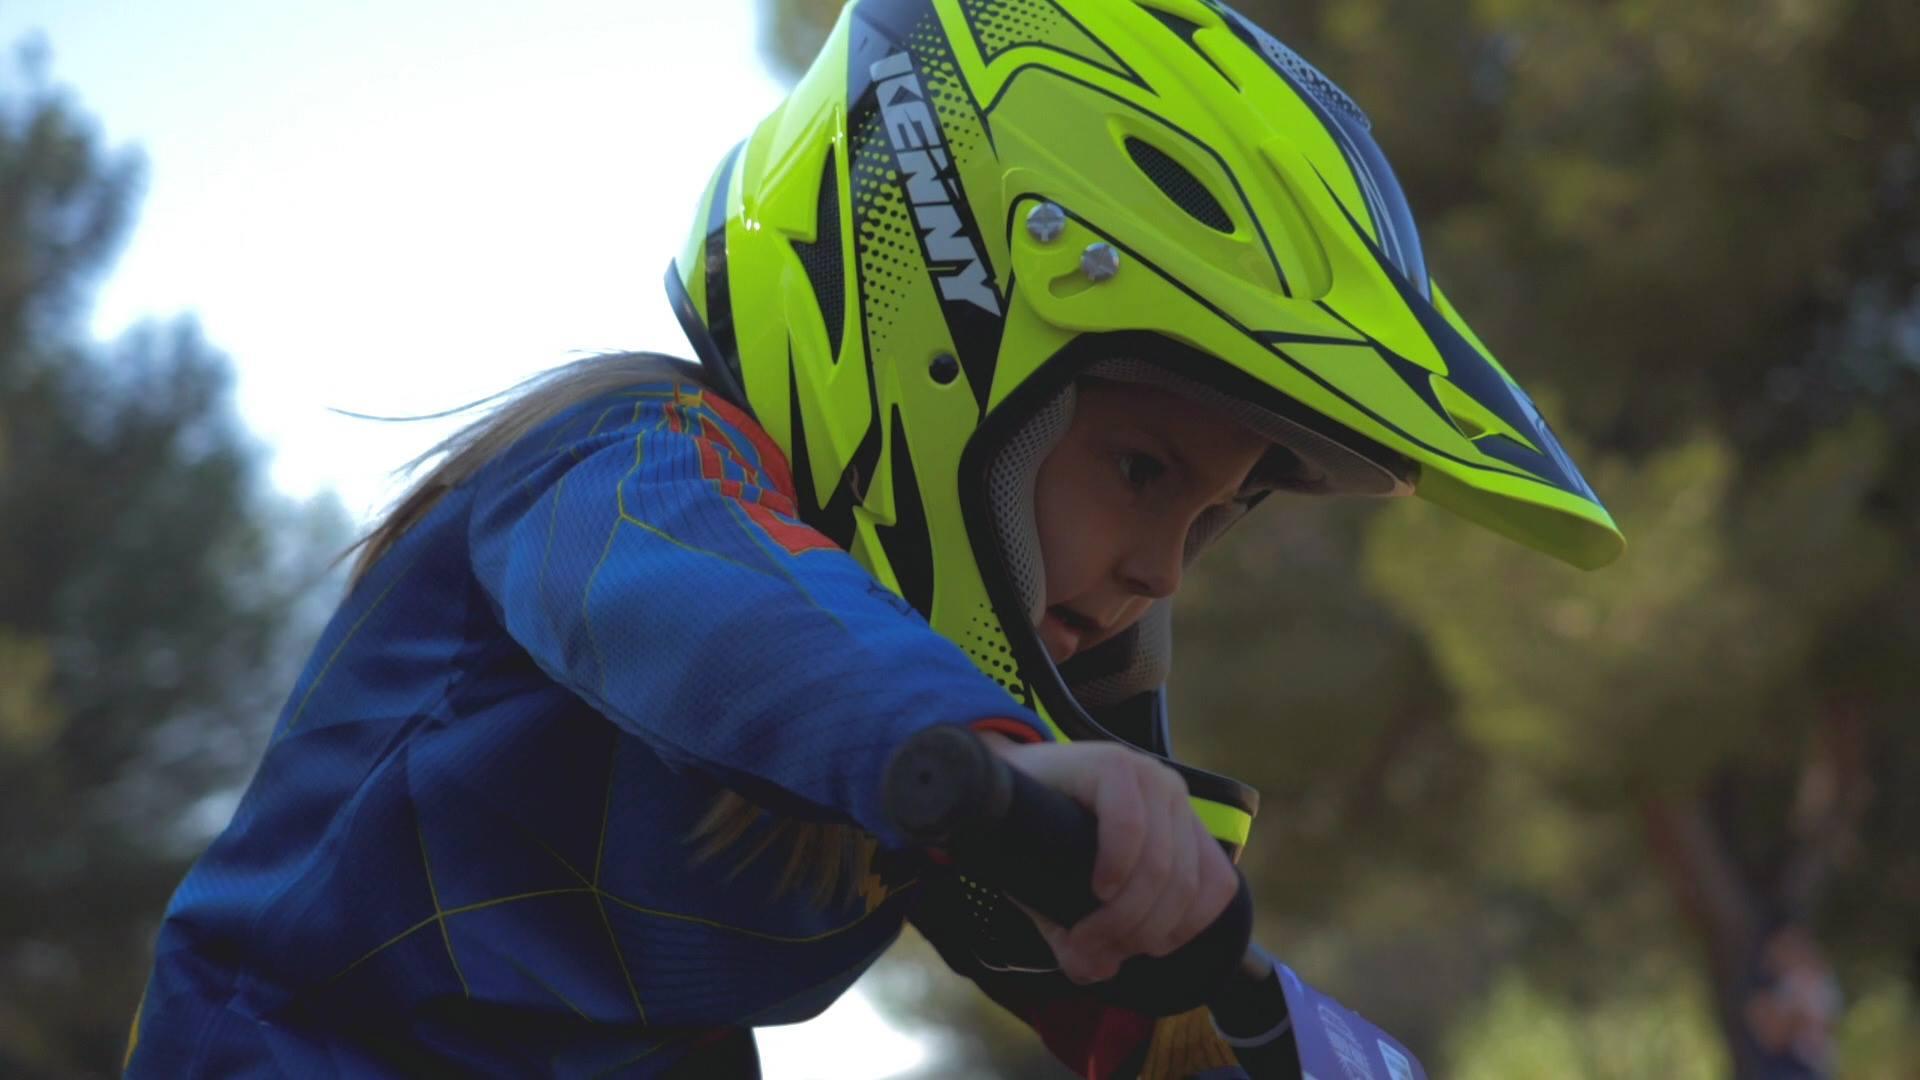 Vidéo de la Finale du Kids Rider Bike Challenge 2018